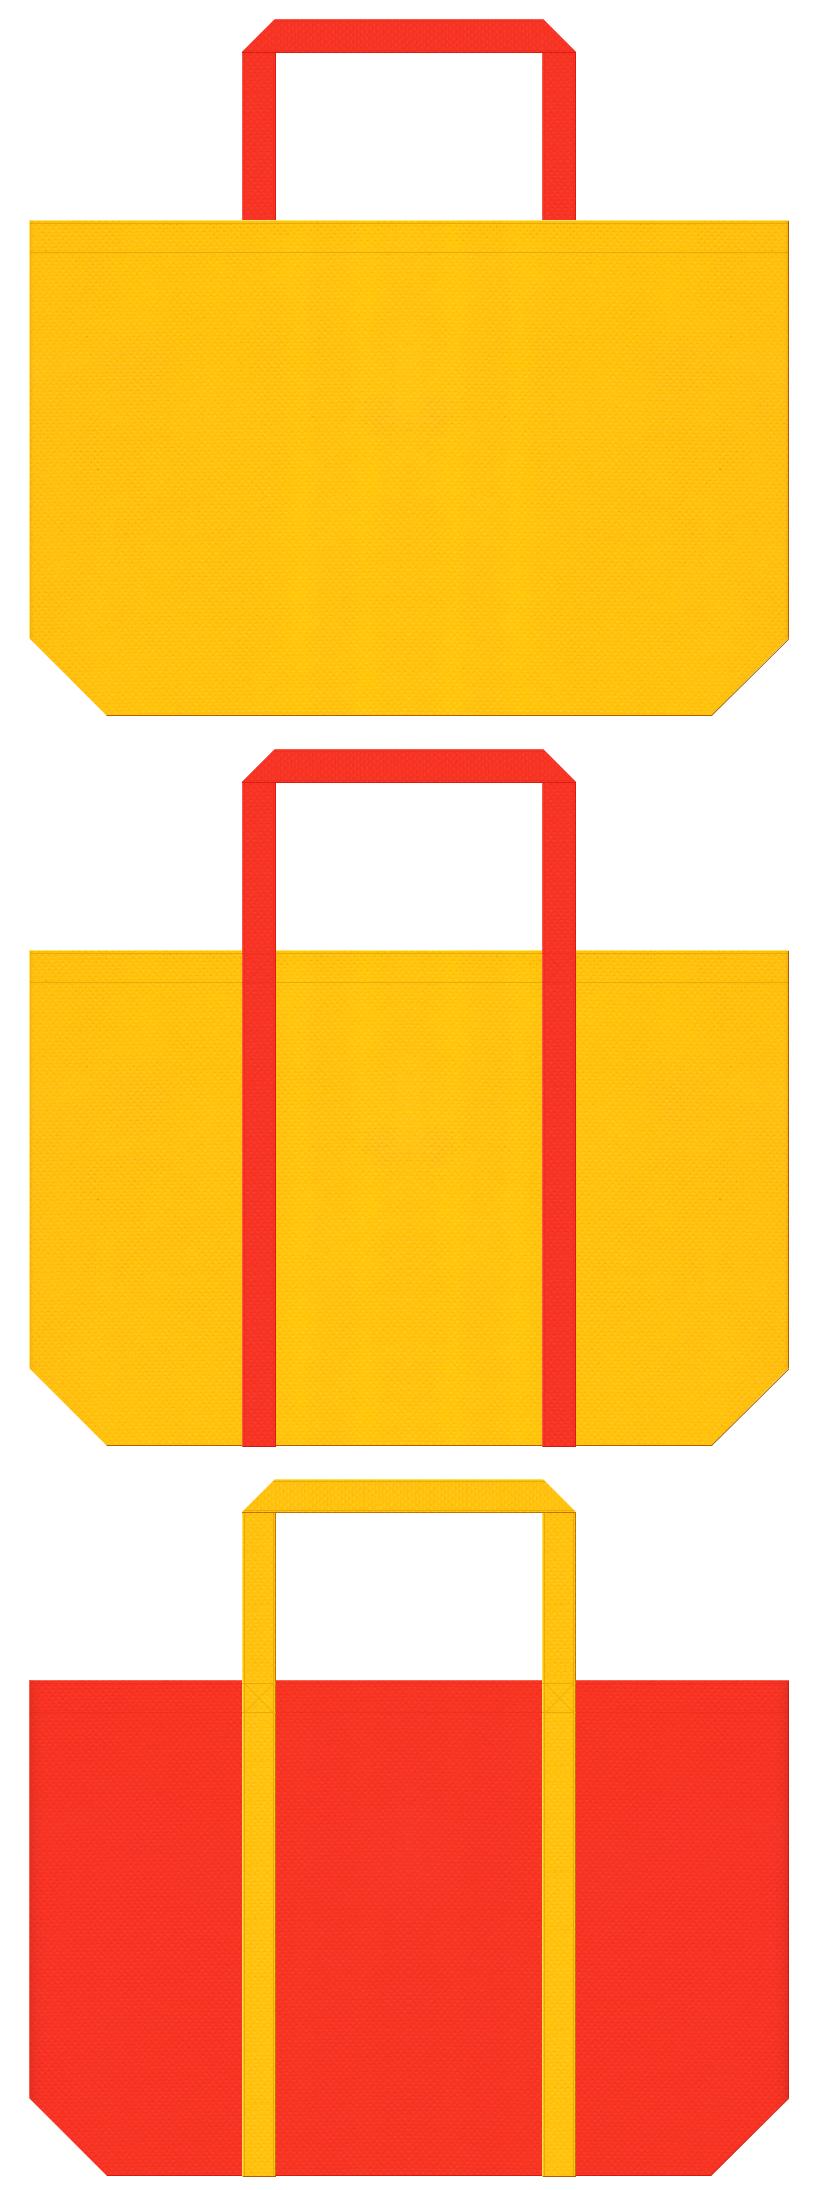 エネルギー・おもちゃ・テーマパーク・通園バッグ・キッズイベント・サプリメント・ビタミン・柑橘類・かぼちゃ・調味料・サラダ油・キッチン・フライヤー・キッチン用品・お料理教室・ランチバッグにお奨めの不織布バッグデザイン:黄色とオレンジ色のコーデ